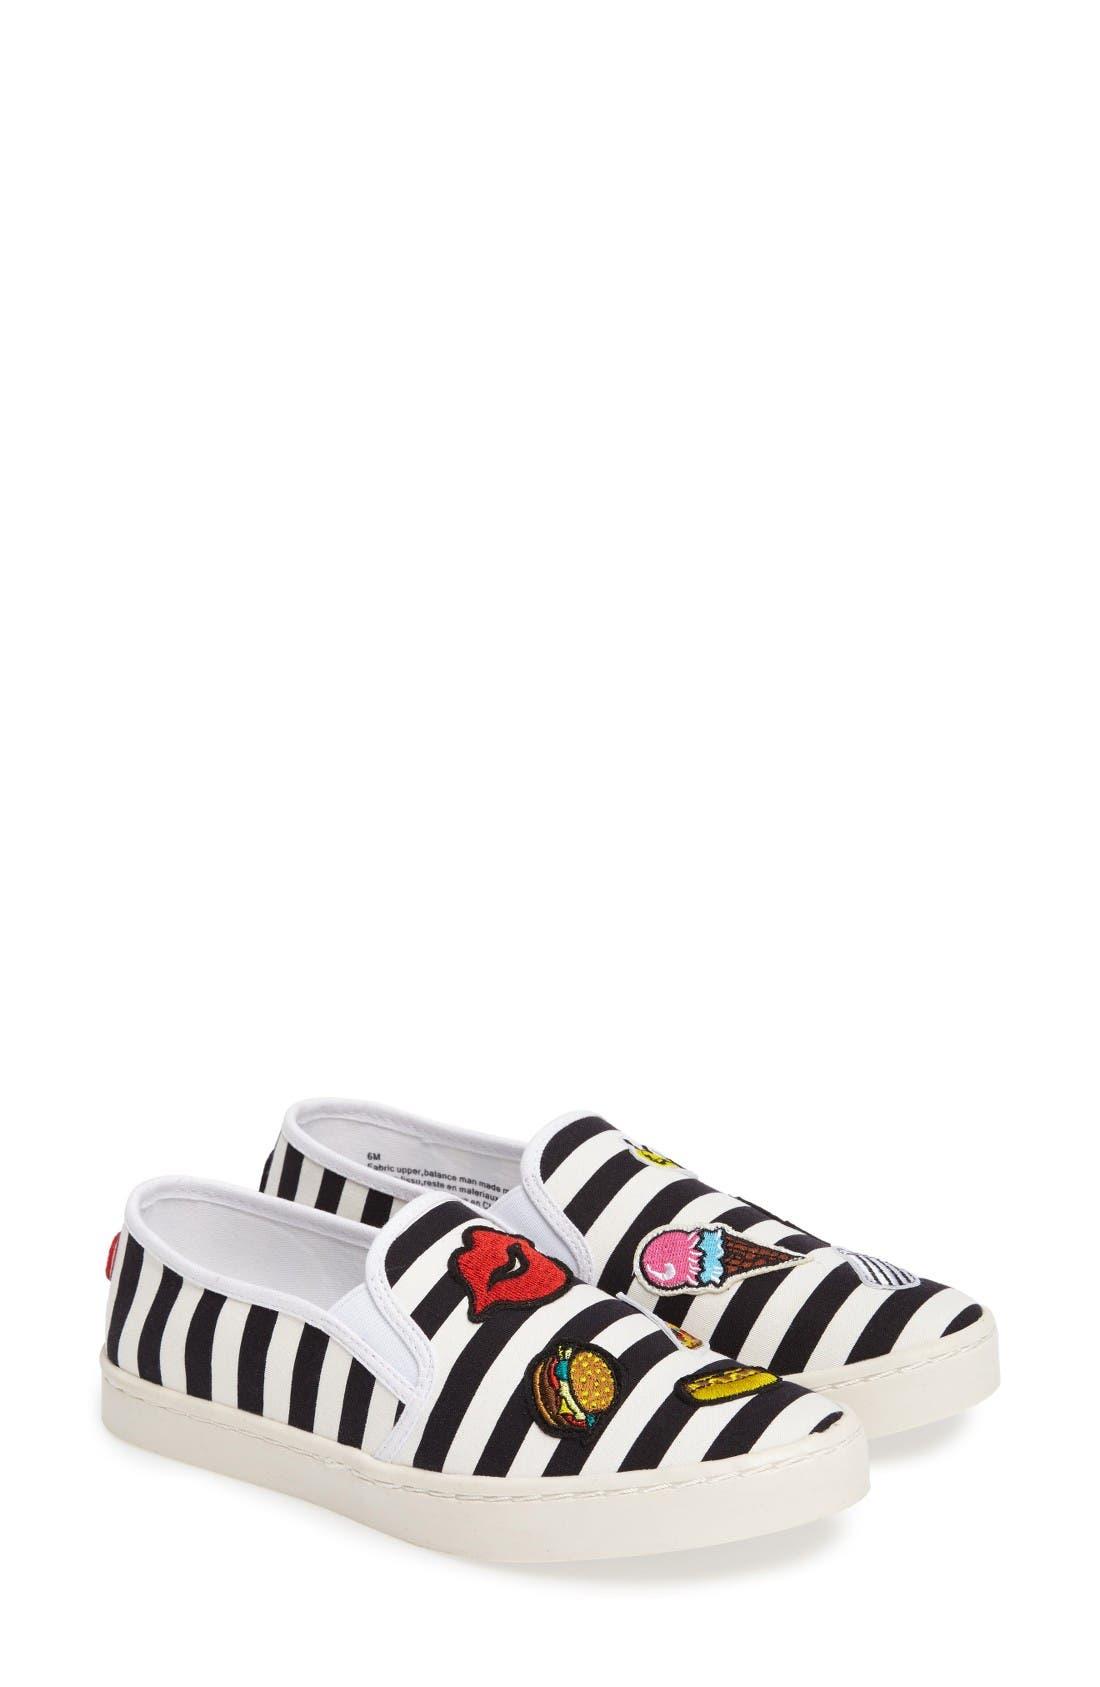 Alternate Image 2  - BP. 'Twiny' Slip-On Sneaker (Women)